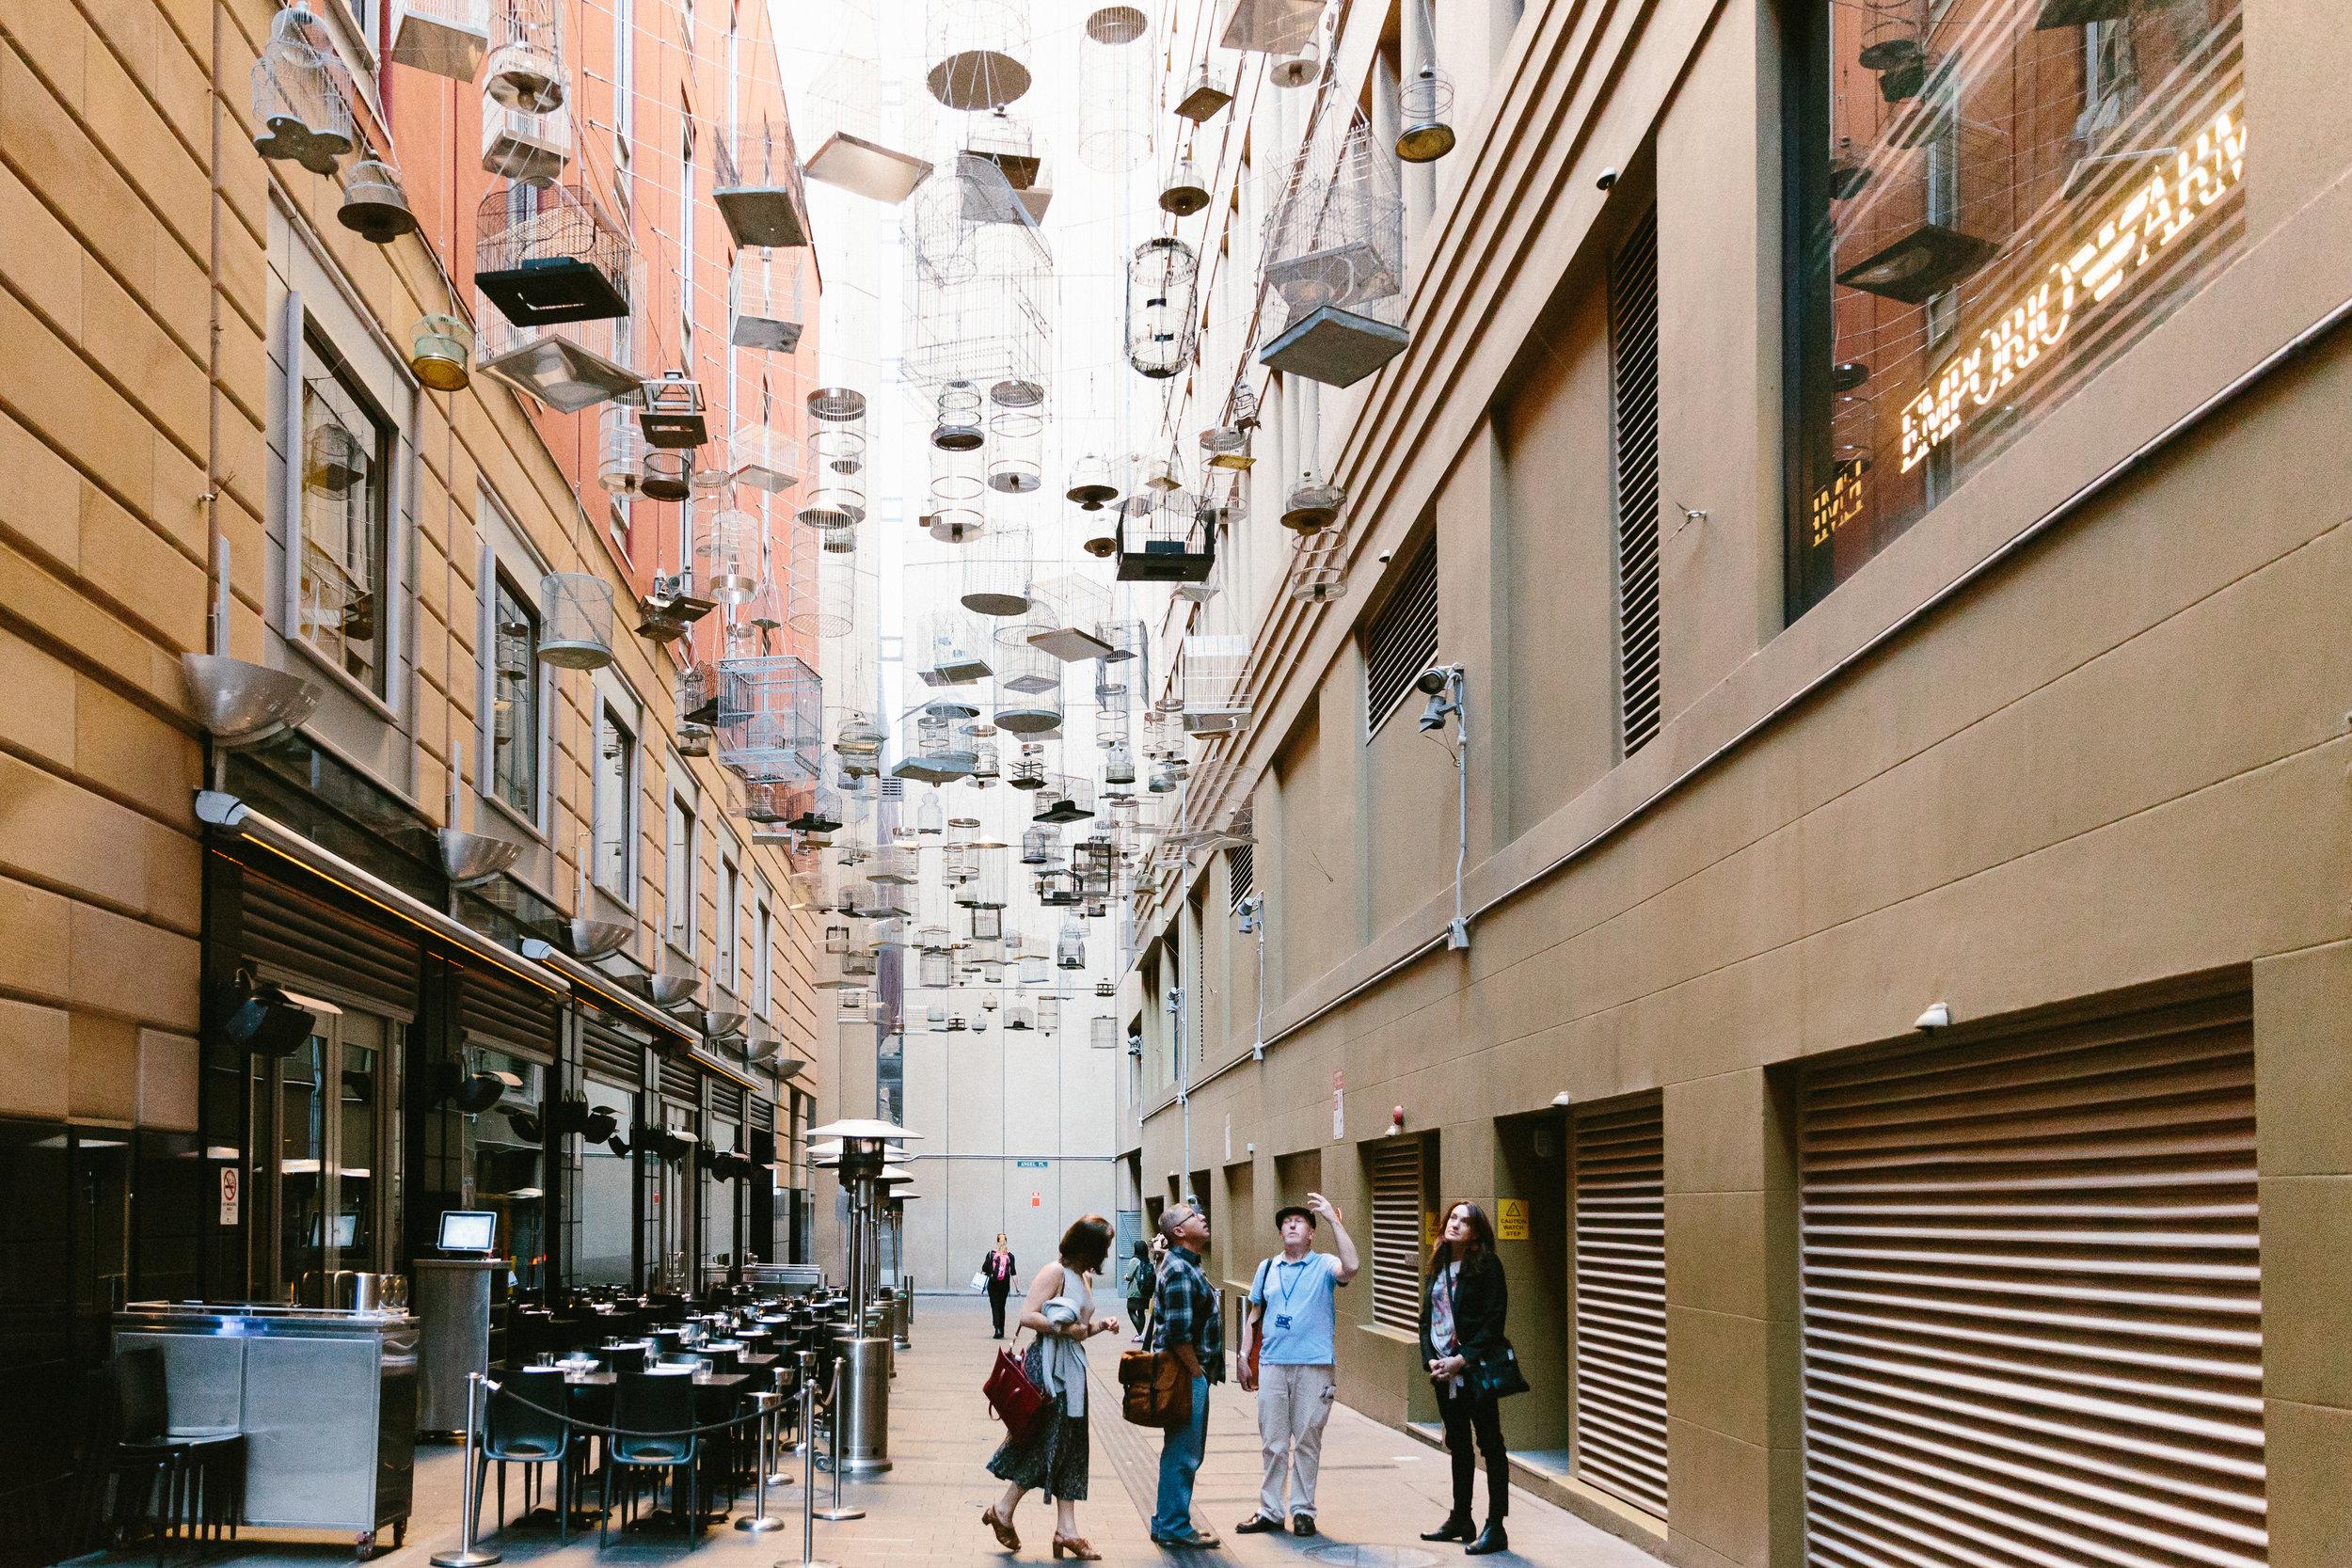 CultureWalkCBD_PiddingtonAmy-19_hires.jpg